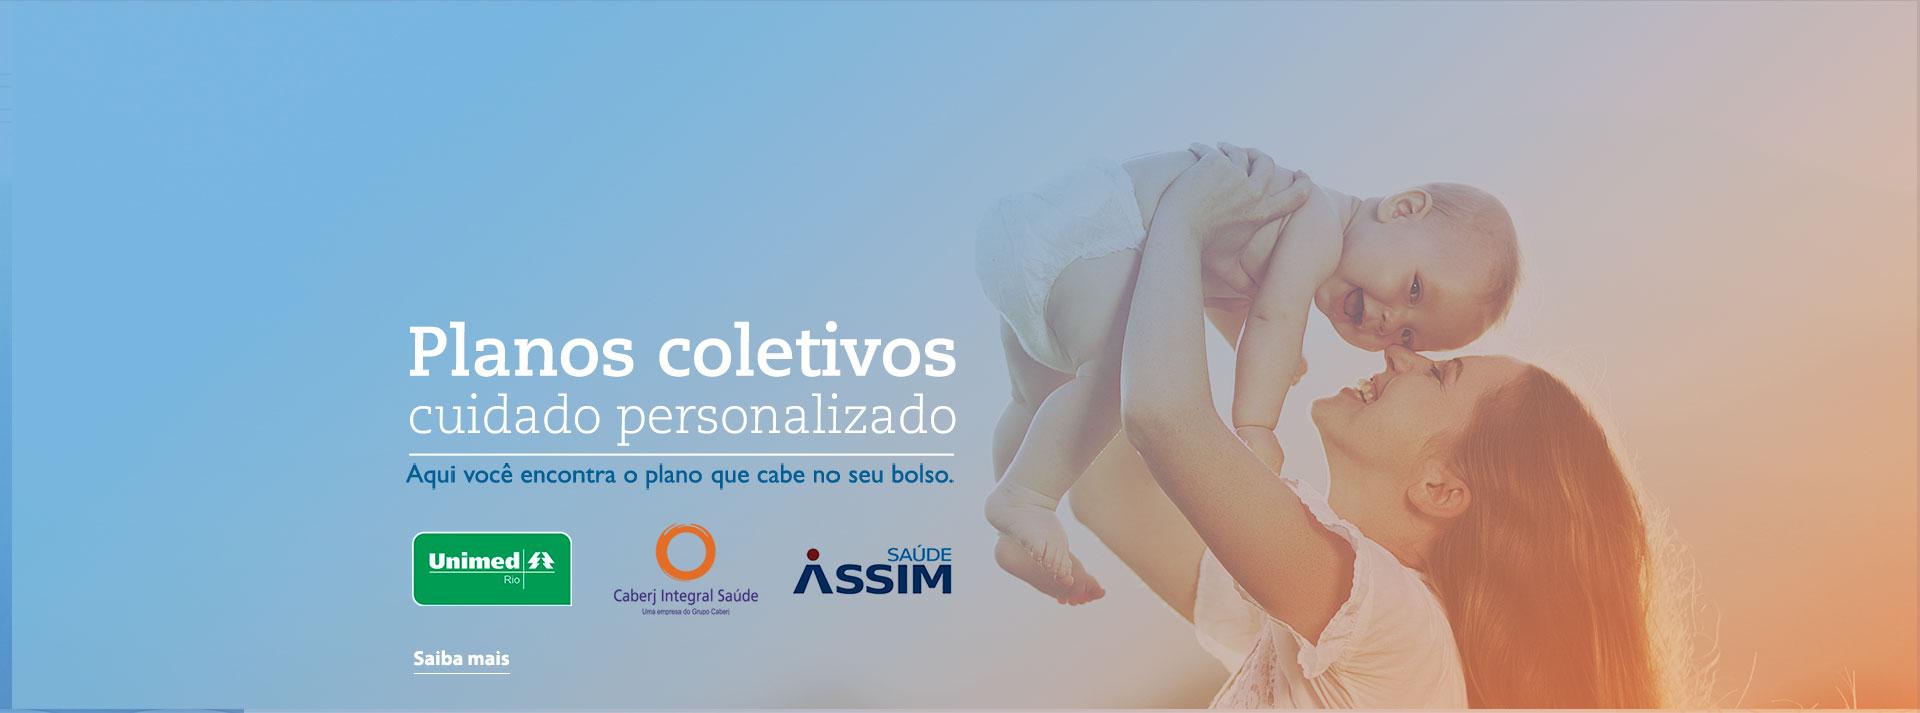 001-planos-coletivos-cuidados-personalizados-novo